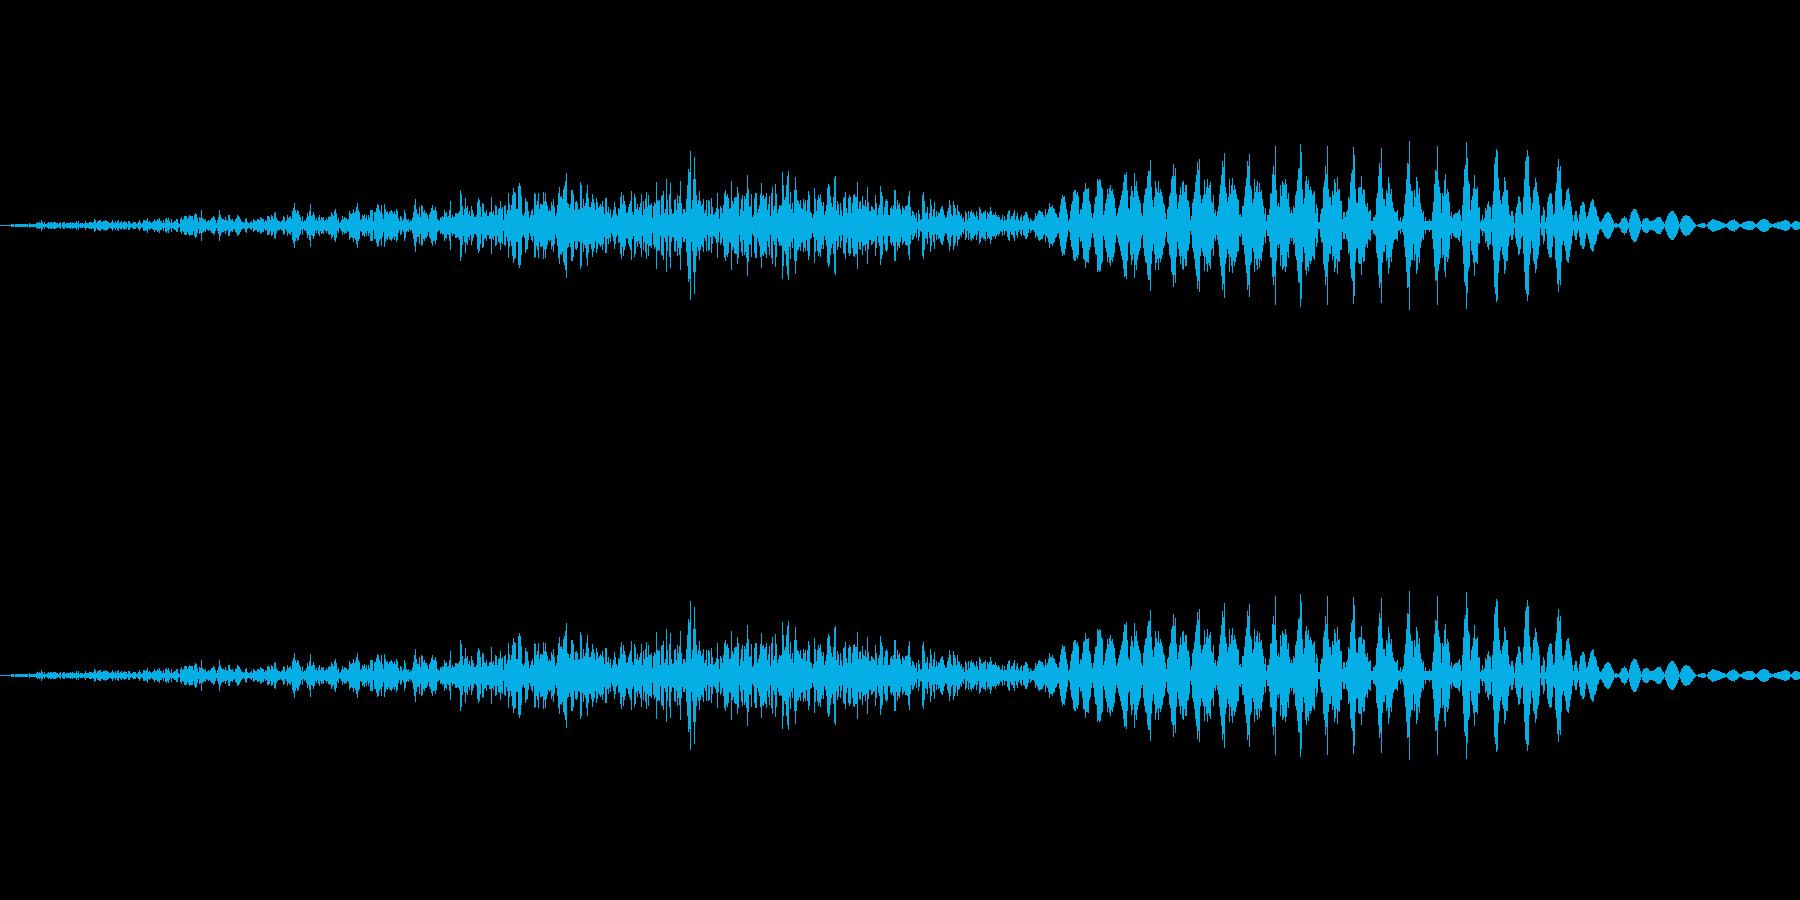 韓国語「십(シプ)」(10) 女性 の再生済みの波形